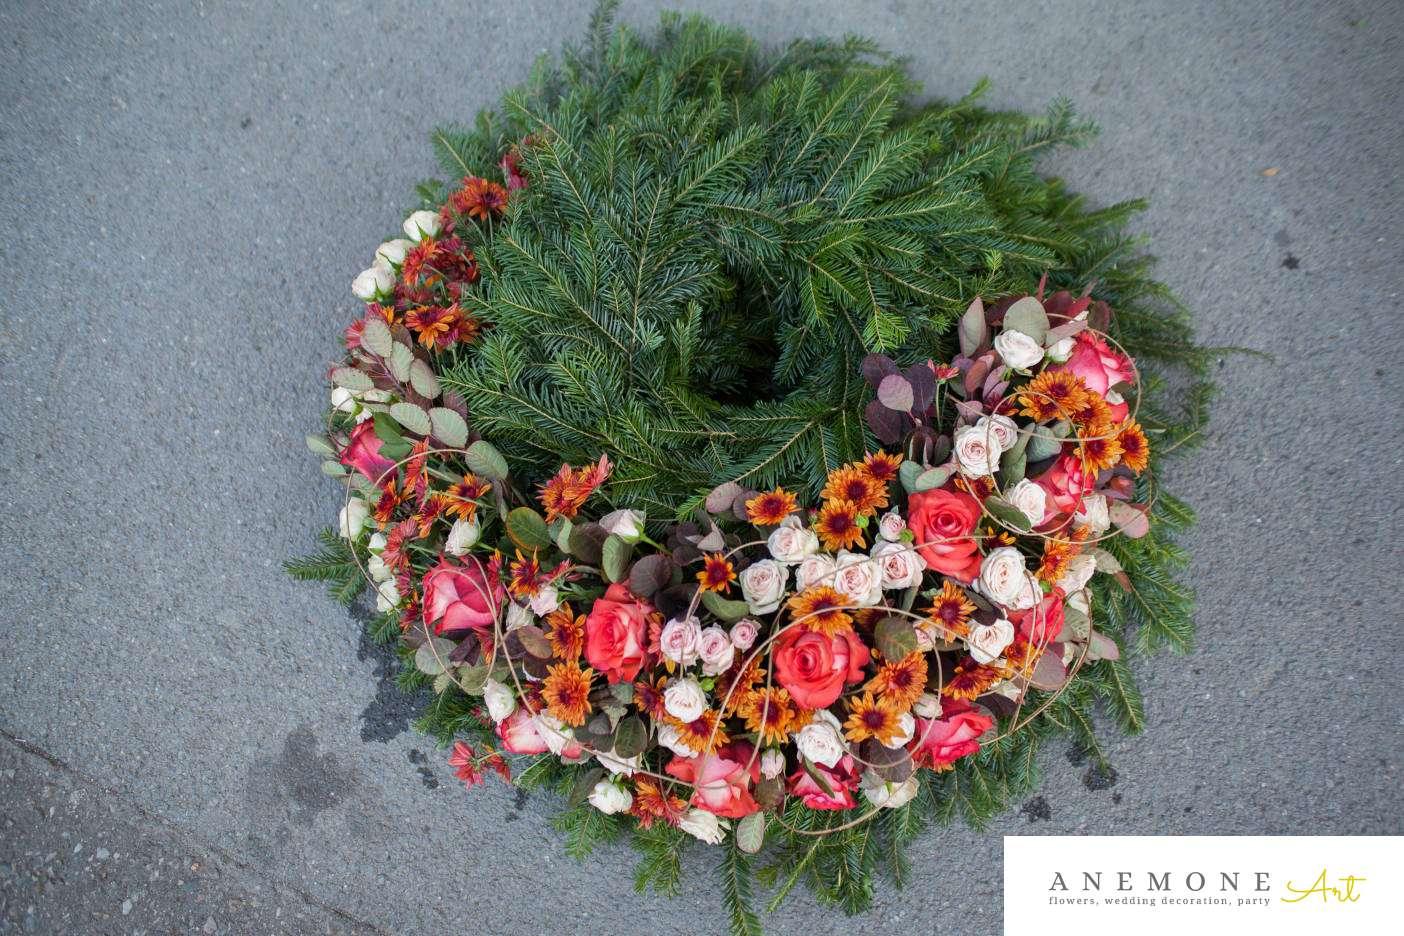 Poza, foto cu Flori de nunta aranjament funerar, coroana funerara in Arad, Timisoara, Oradea (wedding flowers, bouquets) nunta Arad, Timisoara, Oradea